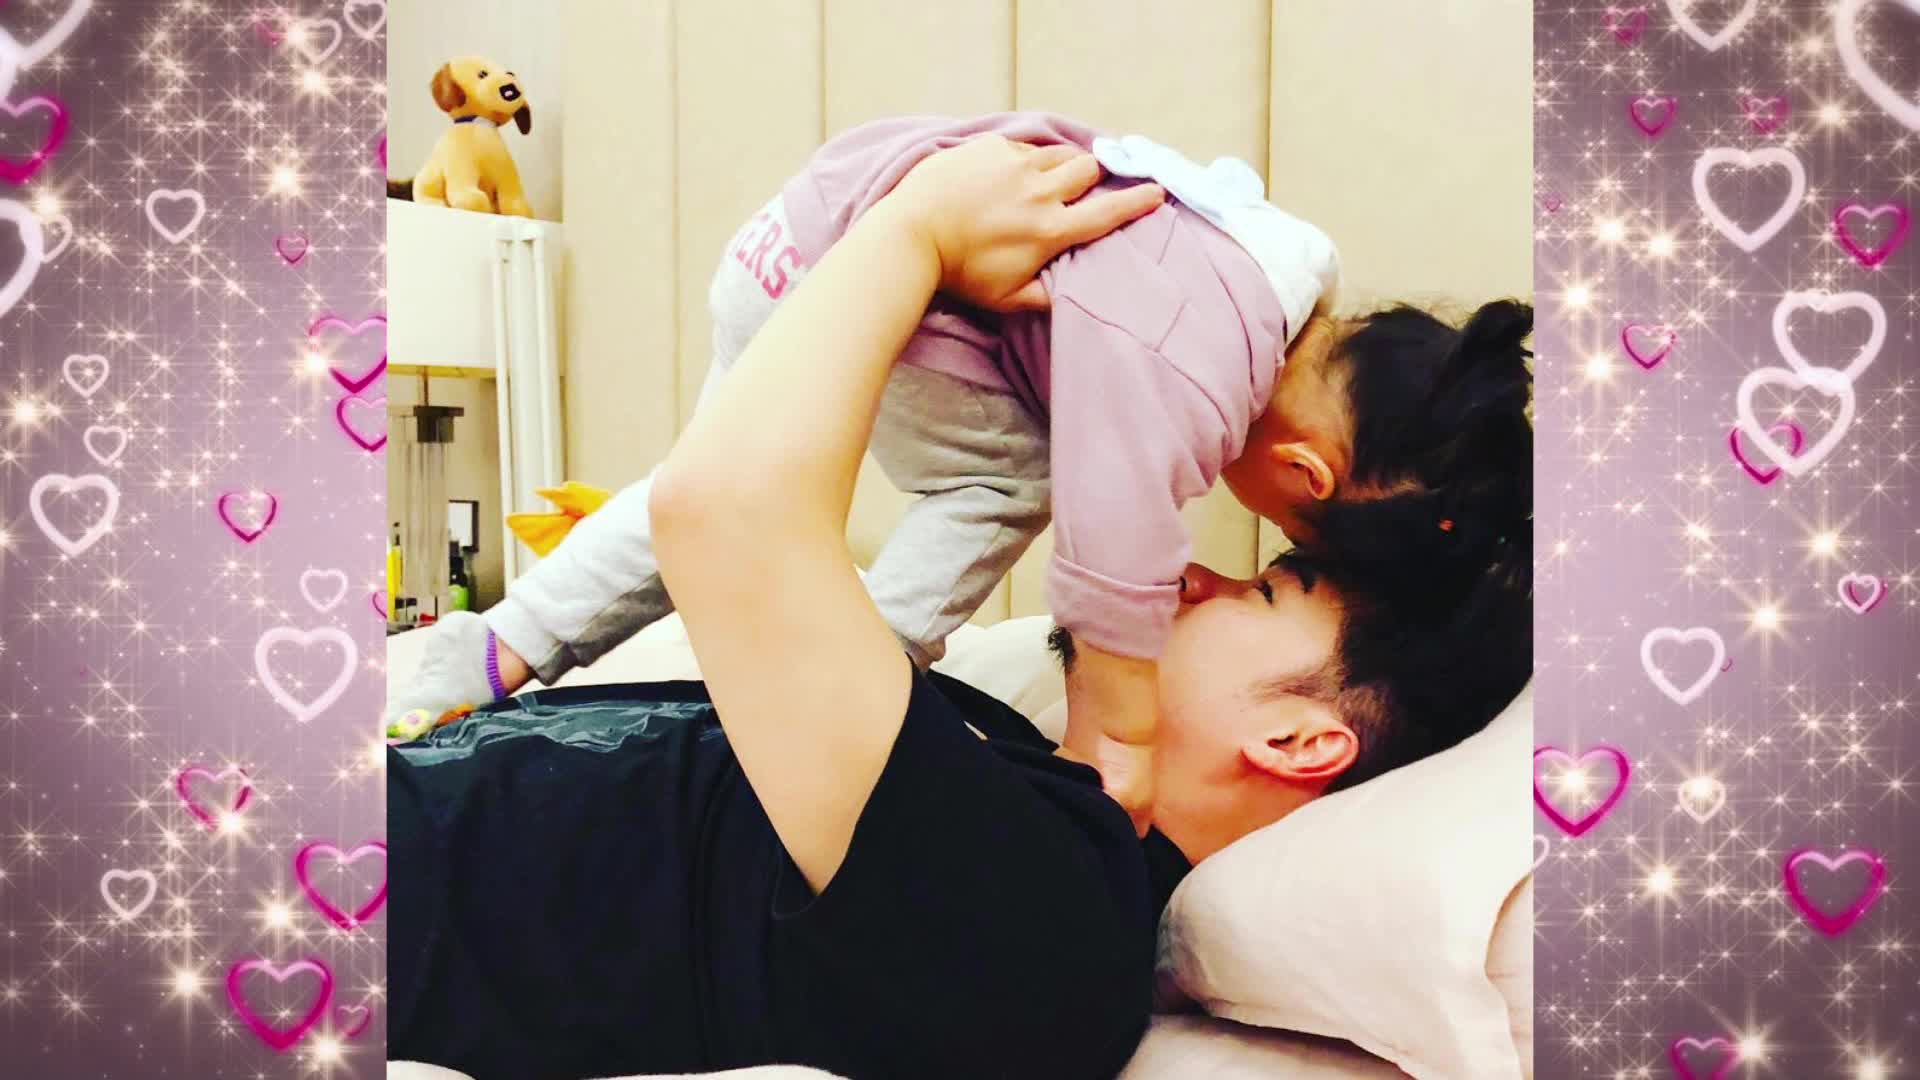 陈赫与娃互动父爱爆棚安安站高层肚子上玩耍爸爸内参视频图片